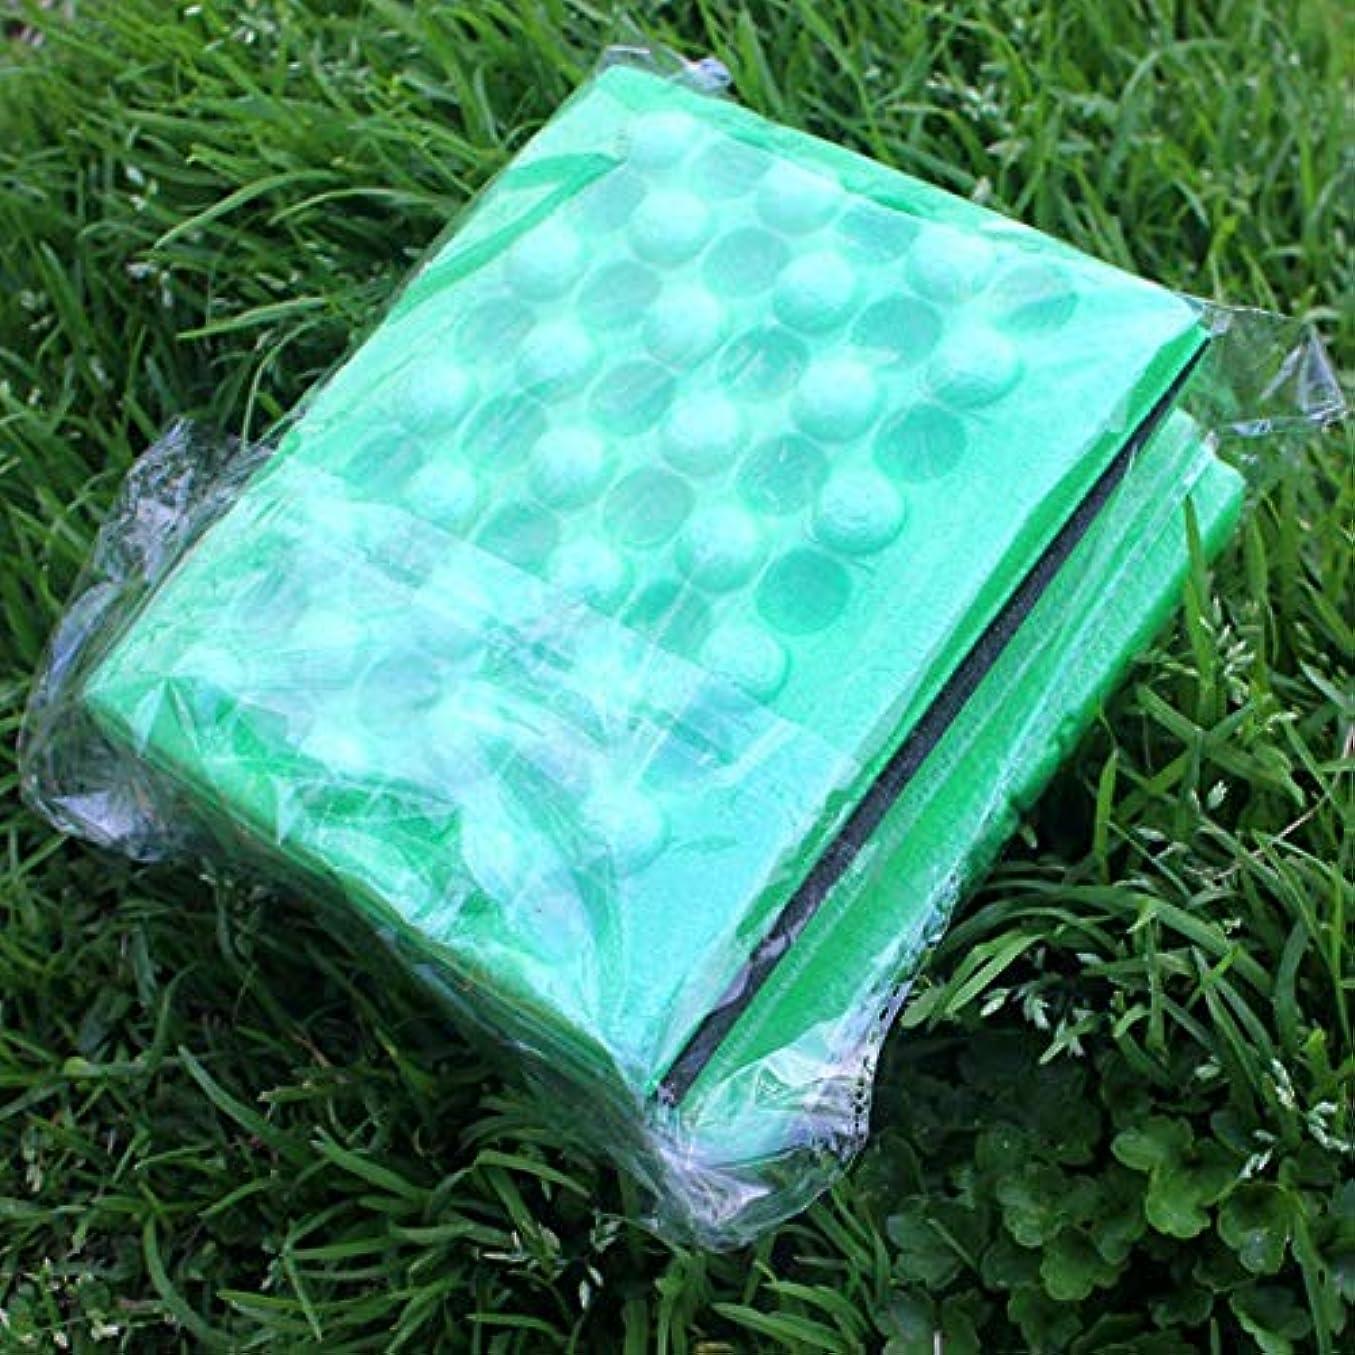 人気の排出輸血LIFE 1 ピース防水マット折りたたみソフトパッドポータブル椅子ピクニックマットレスクッションガーデンバーベキューライトマット クッション 椅子